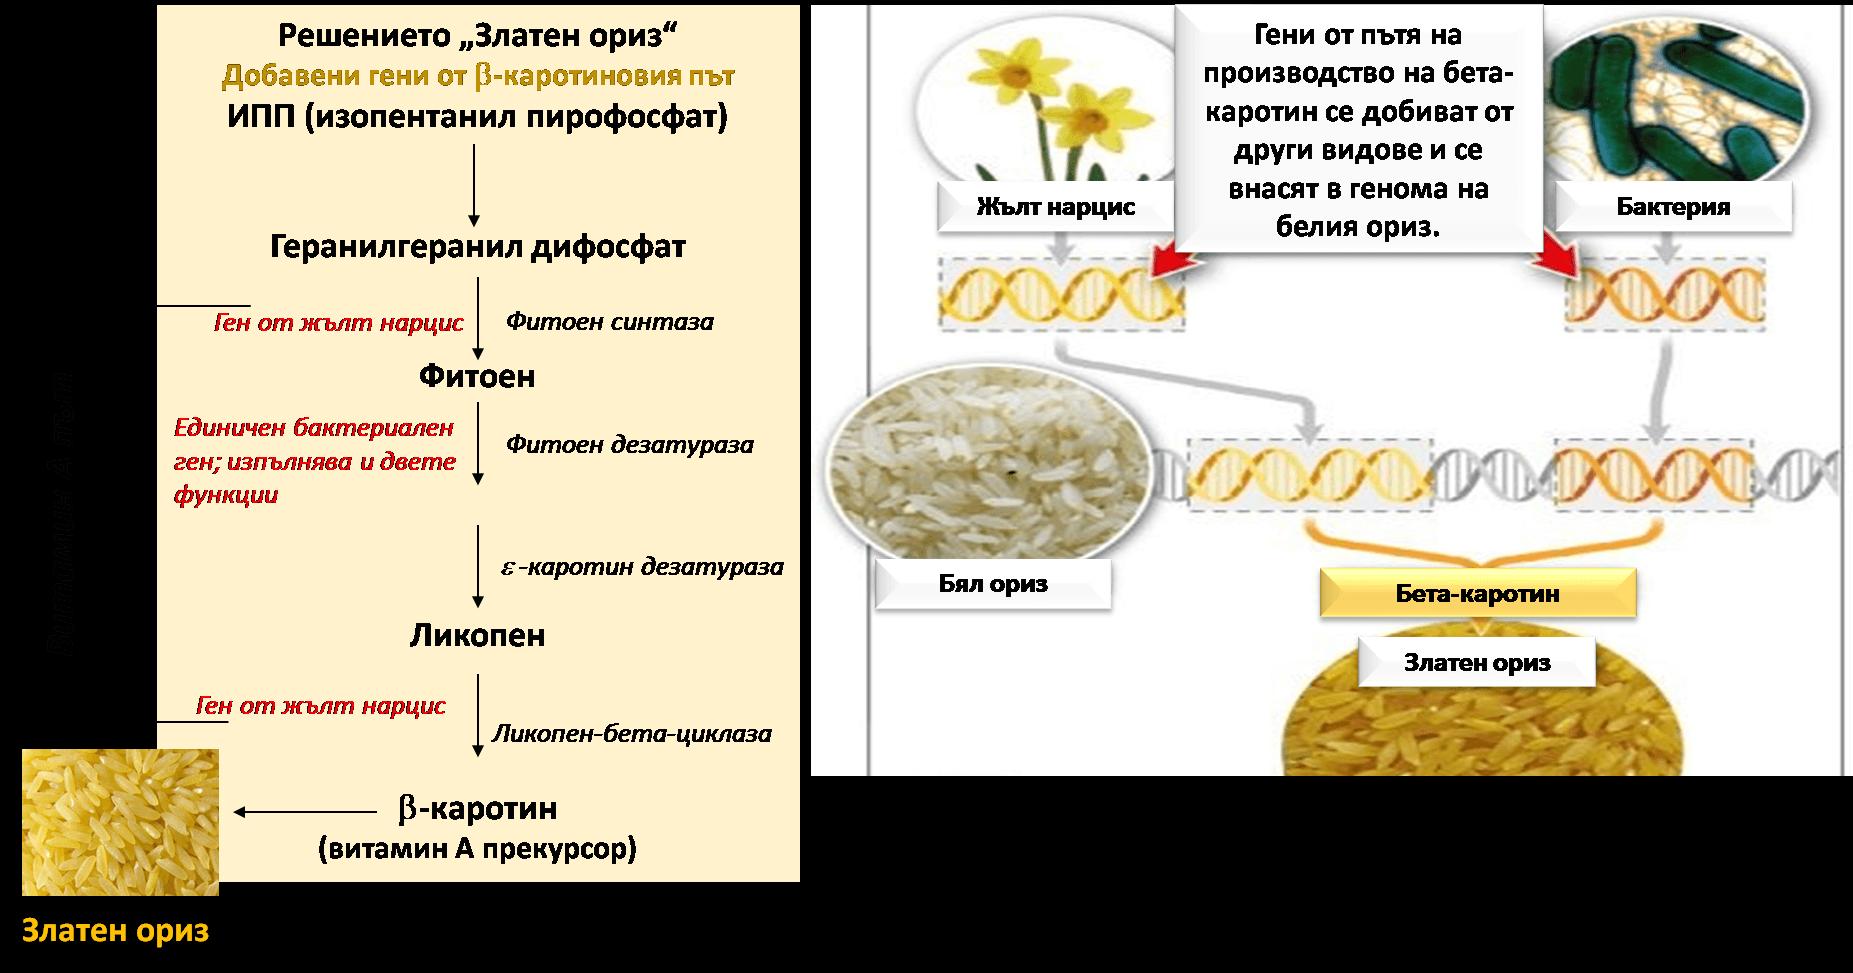 Фиг. 7. Трансфер на гени в ориз за увеличение нивата на витамин А